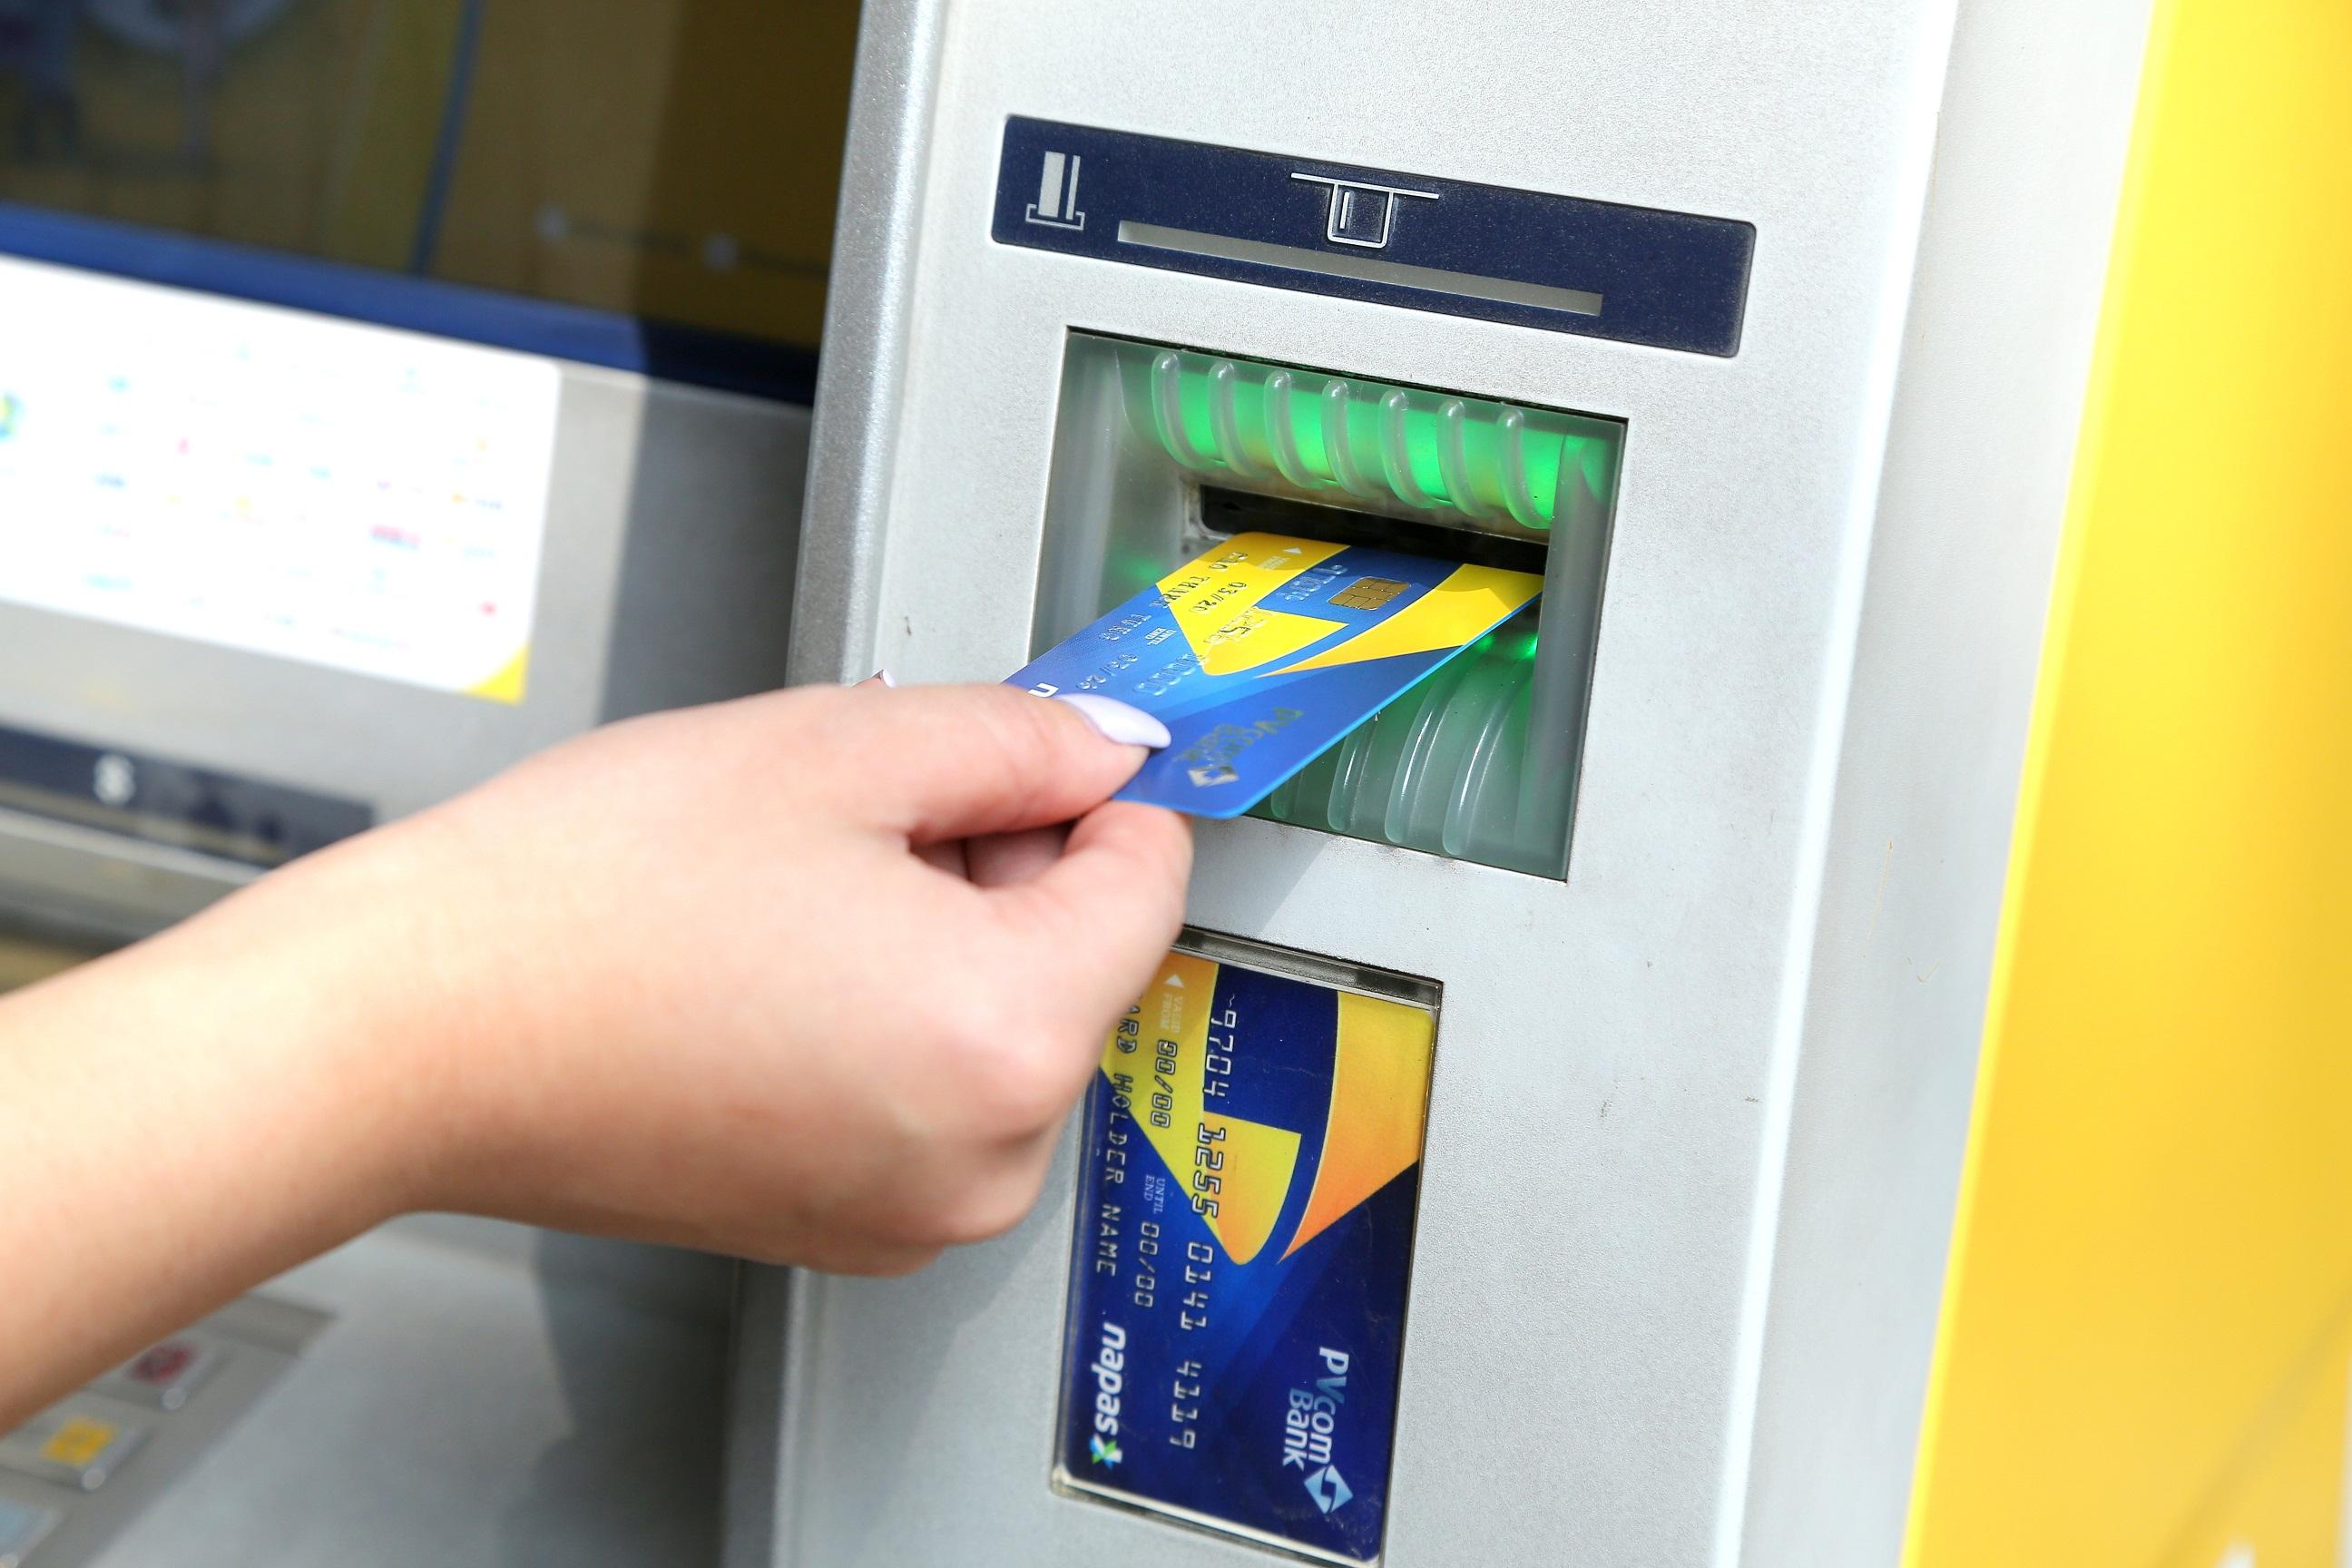 Thẻ Chip nội địa theo chuẩn VCCS sẽ giúp cho các giao dịch của thẻ PVcomBank được bảo mật và giảm tối đa rủi ro gian lận, giả mạo.